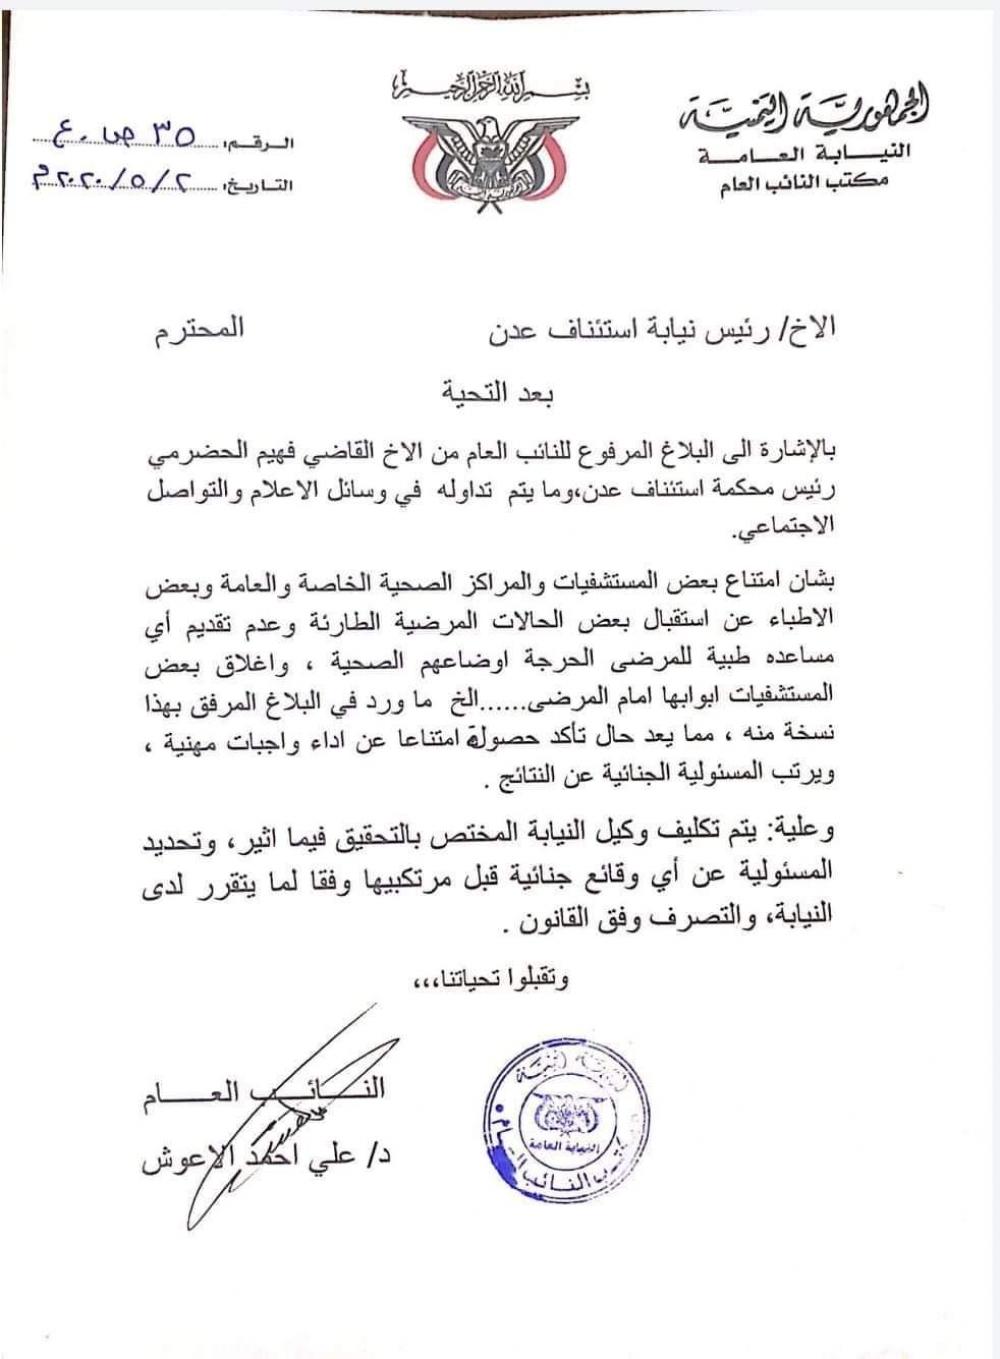 النائب العام يوجه بالتحقيق الفوري مع مدراء المستشفيات التي اغلقت ابوابها بعدن عدن السبق